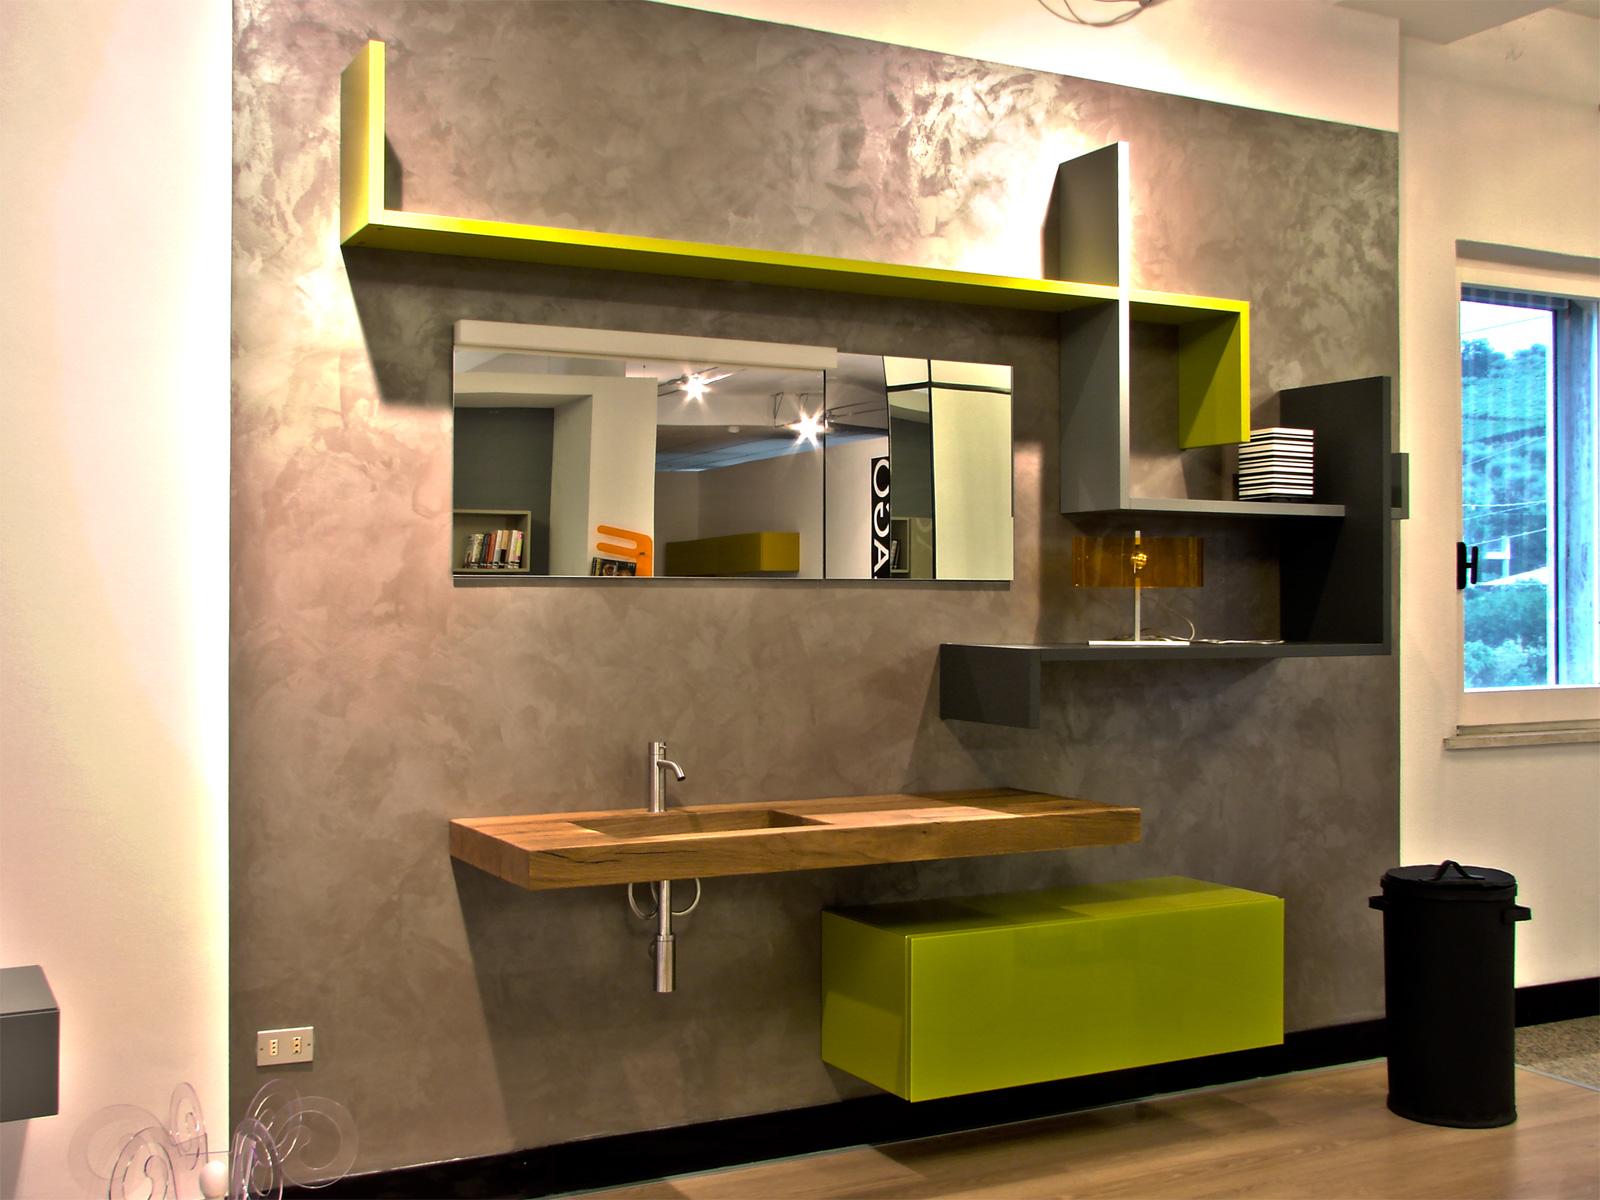 arredamento ed interior design le ultime novità - il blog di ... - Arredo Bagno Lago